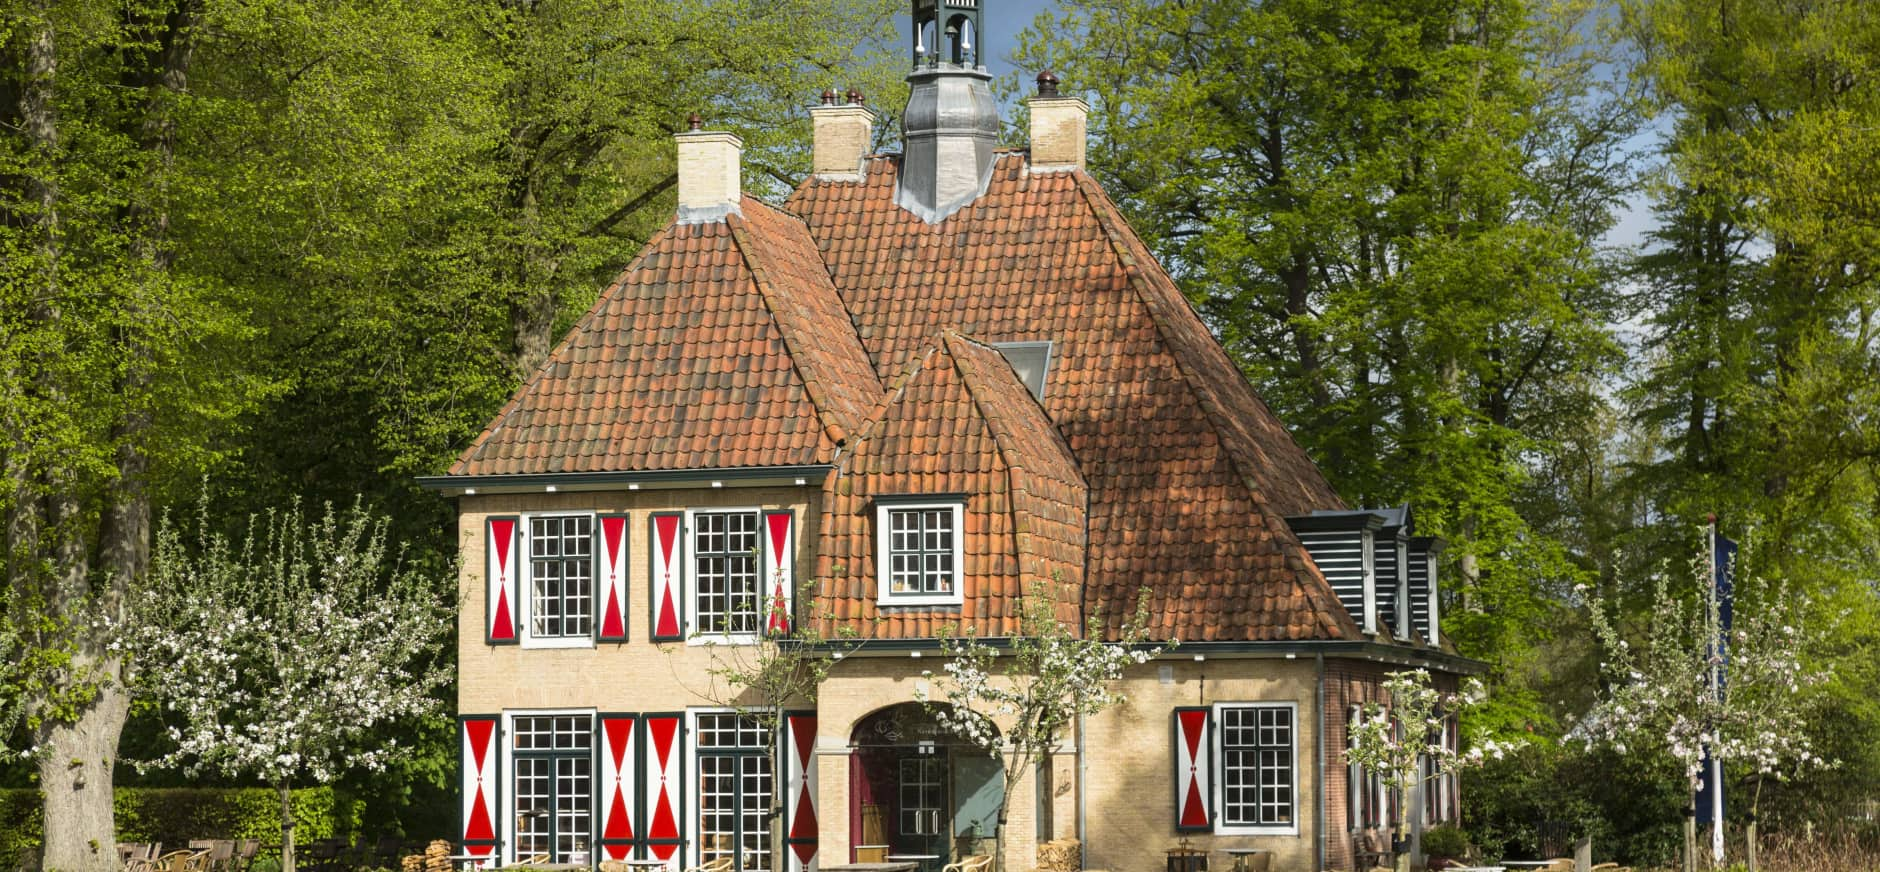 Kom naar familiefestival op landgoed De Slotplaats in Bakkeveen